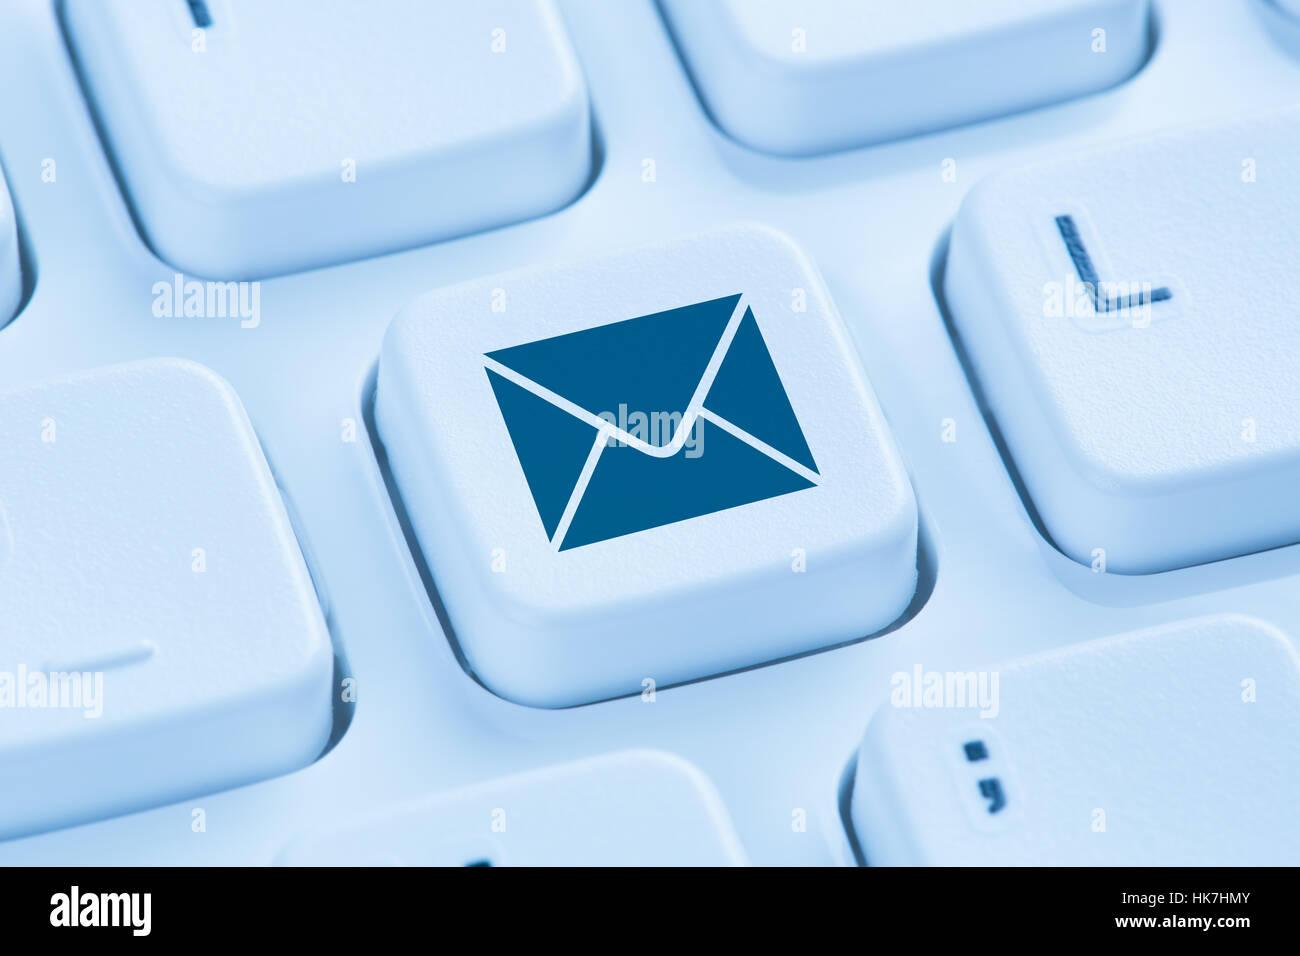 L'envoi d'e-mail internet lettre bleue symbole clavier de l'ordinateur Photo Stock